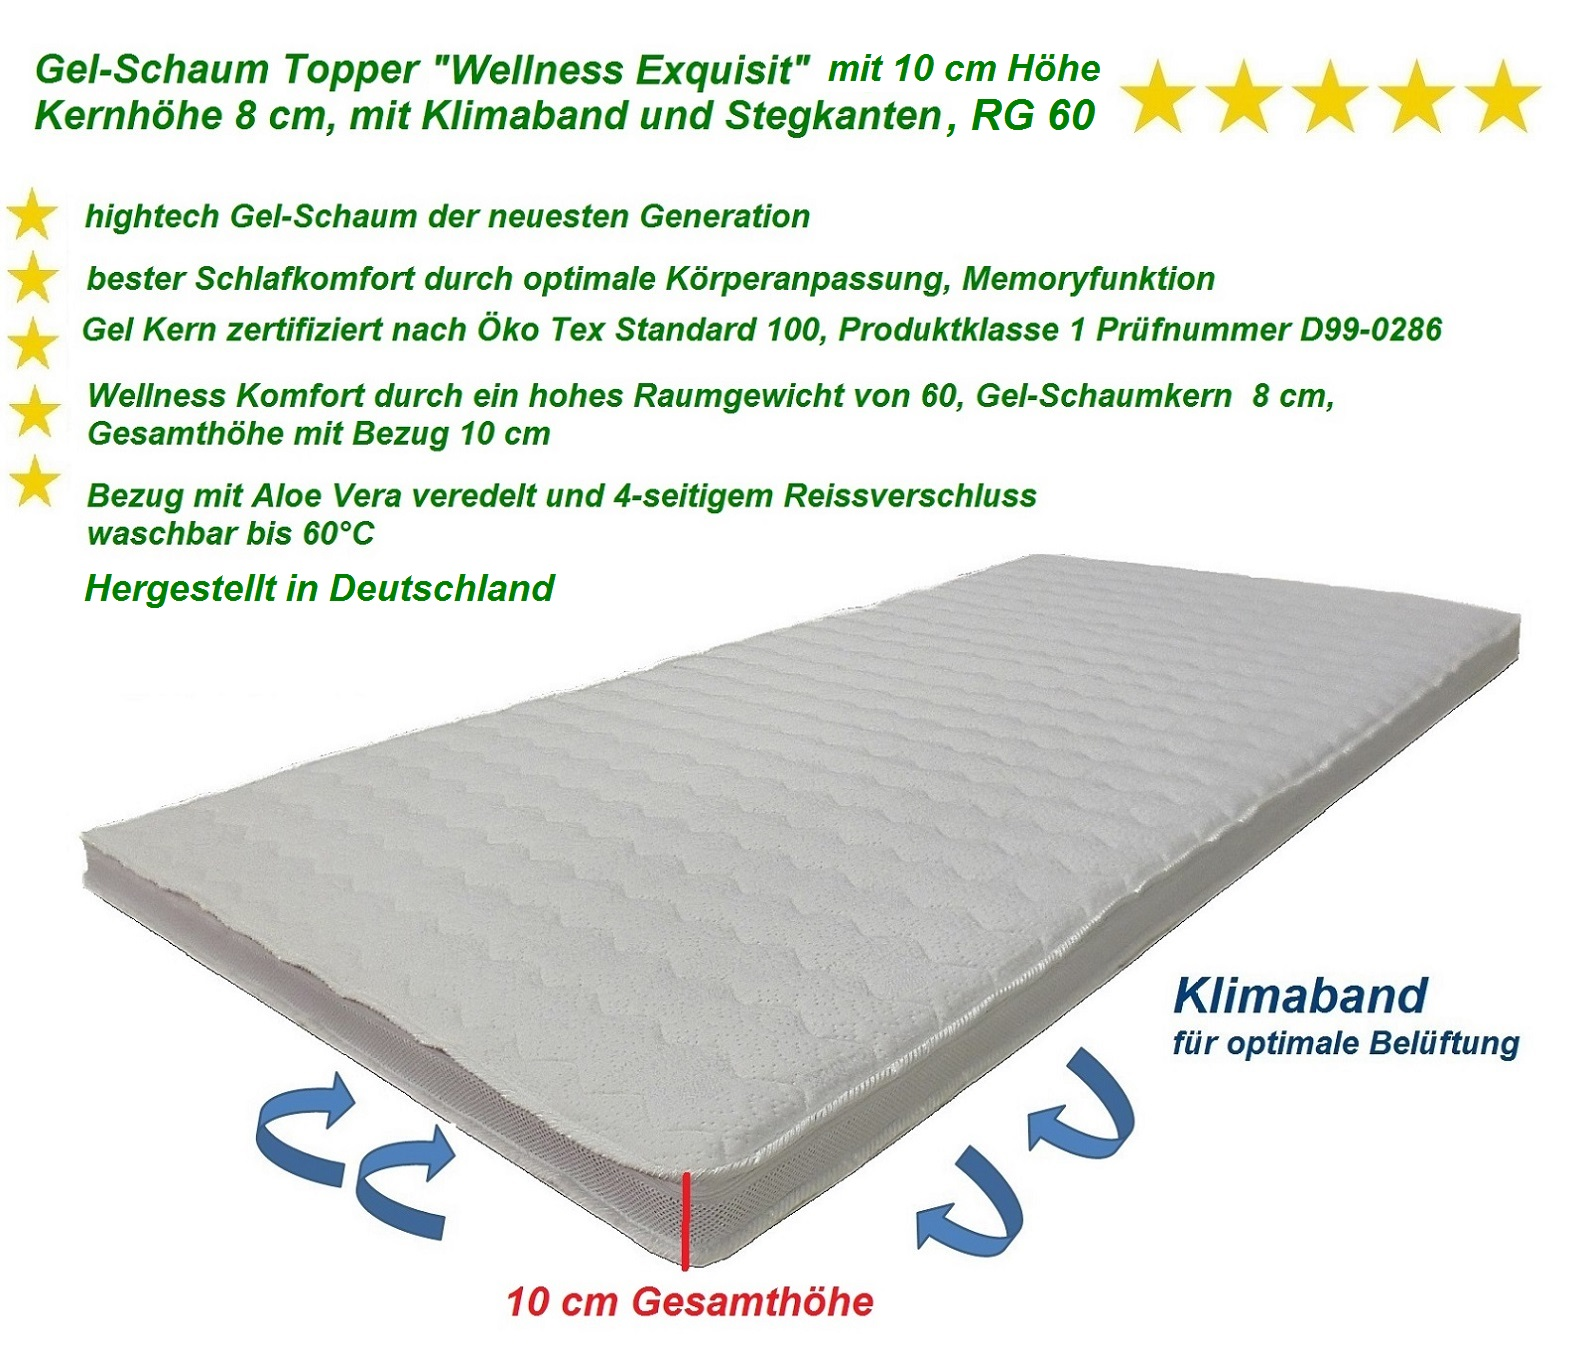 Wellness Exquisit Gel-Schaum Topper Matratzenauflage 10 cm Gesamthöhe RG 60